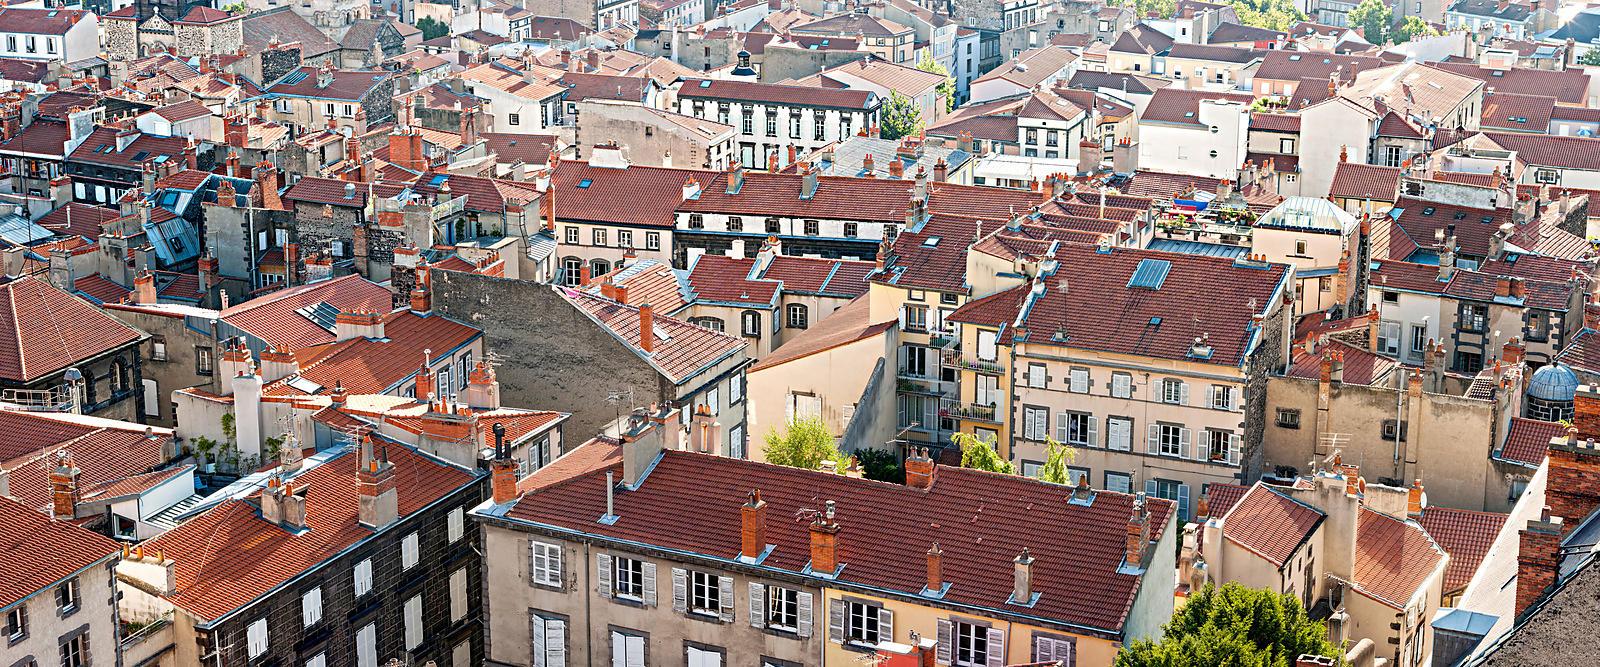 Phototh que arnaud frich panorama des toits de clermont for Casiers de rangement clermont ferrand